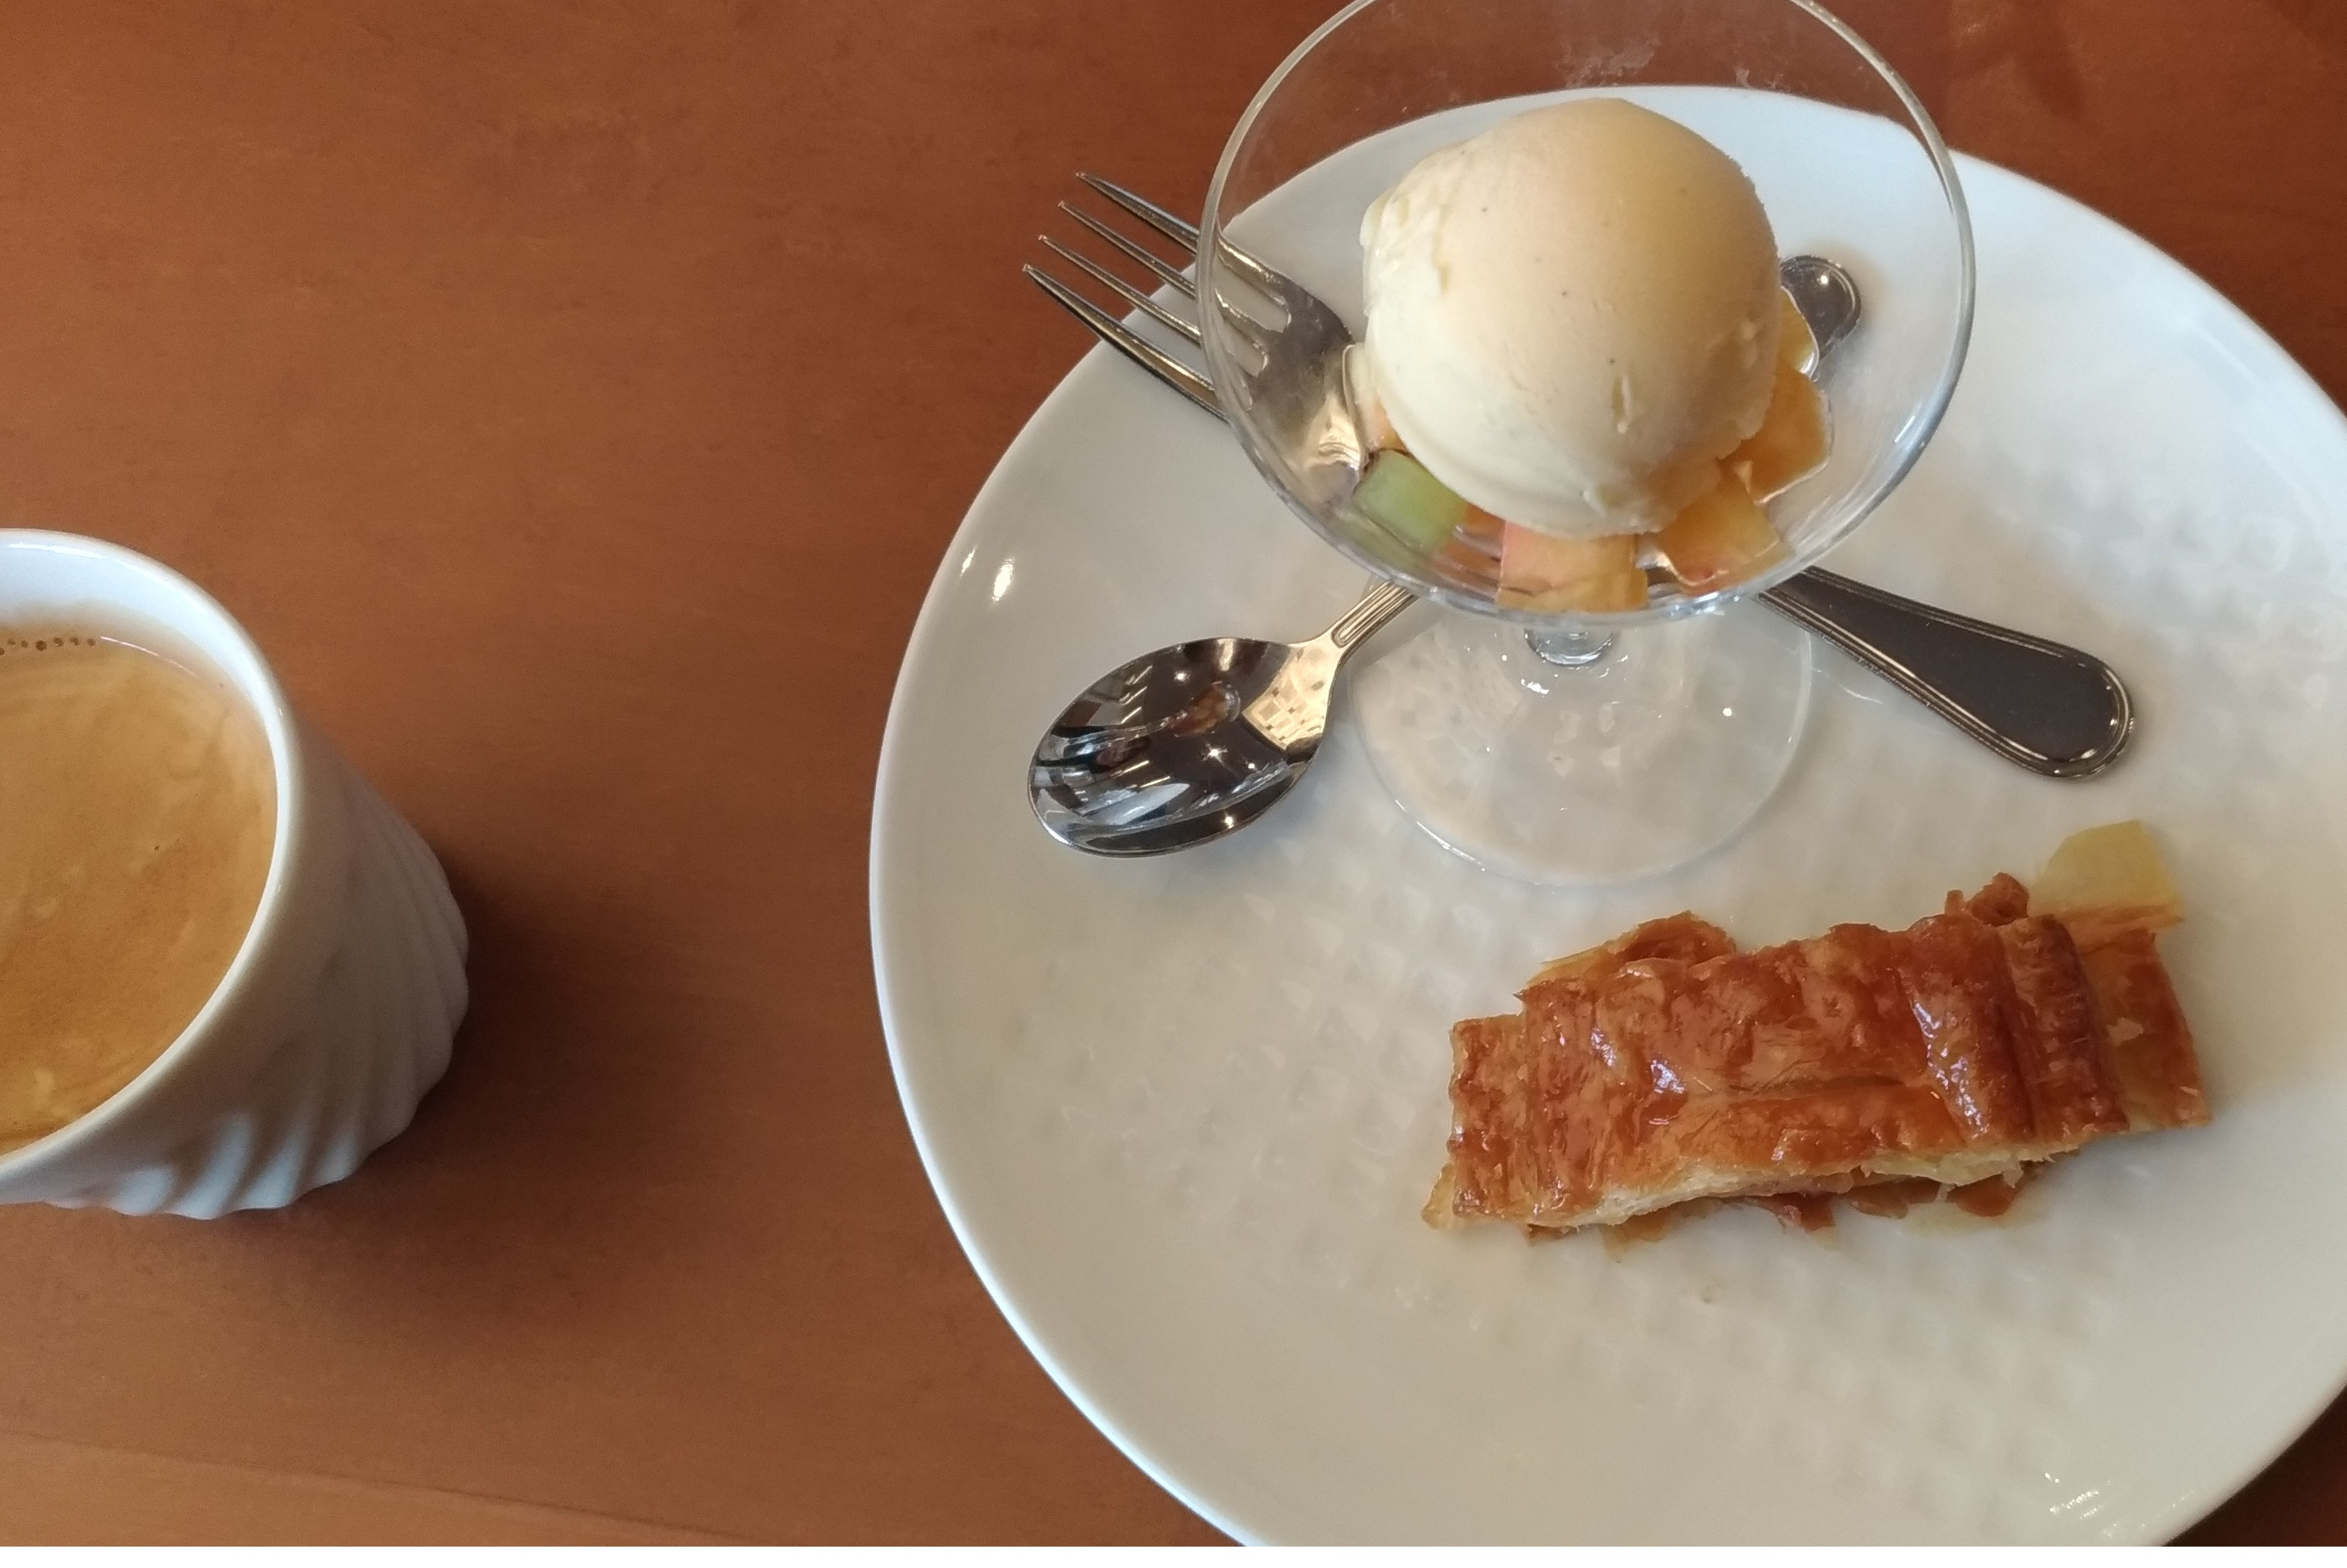 osaka_rihga_hotel_lunch_3.jpg